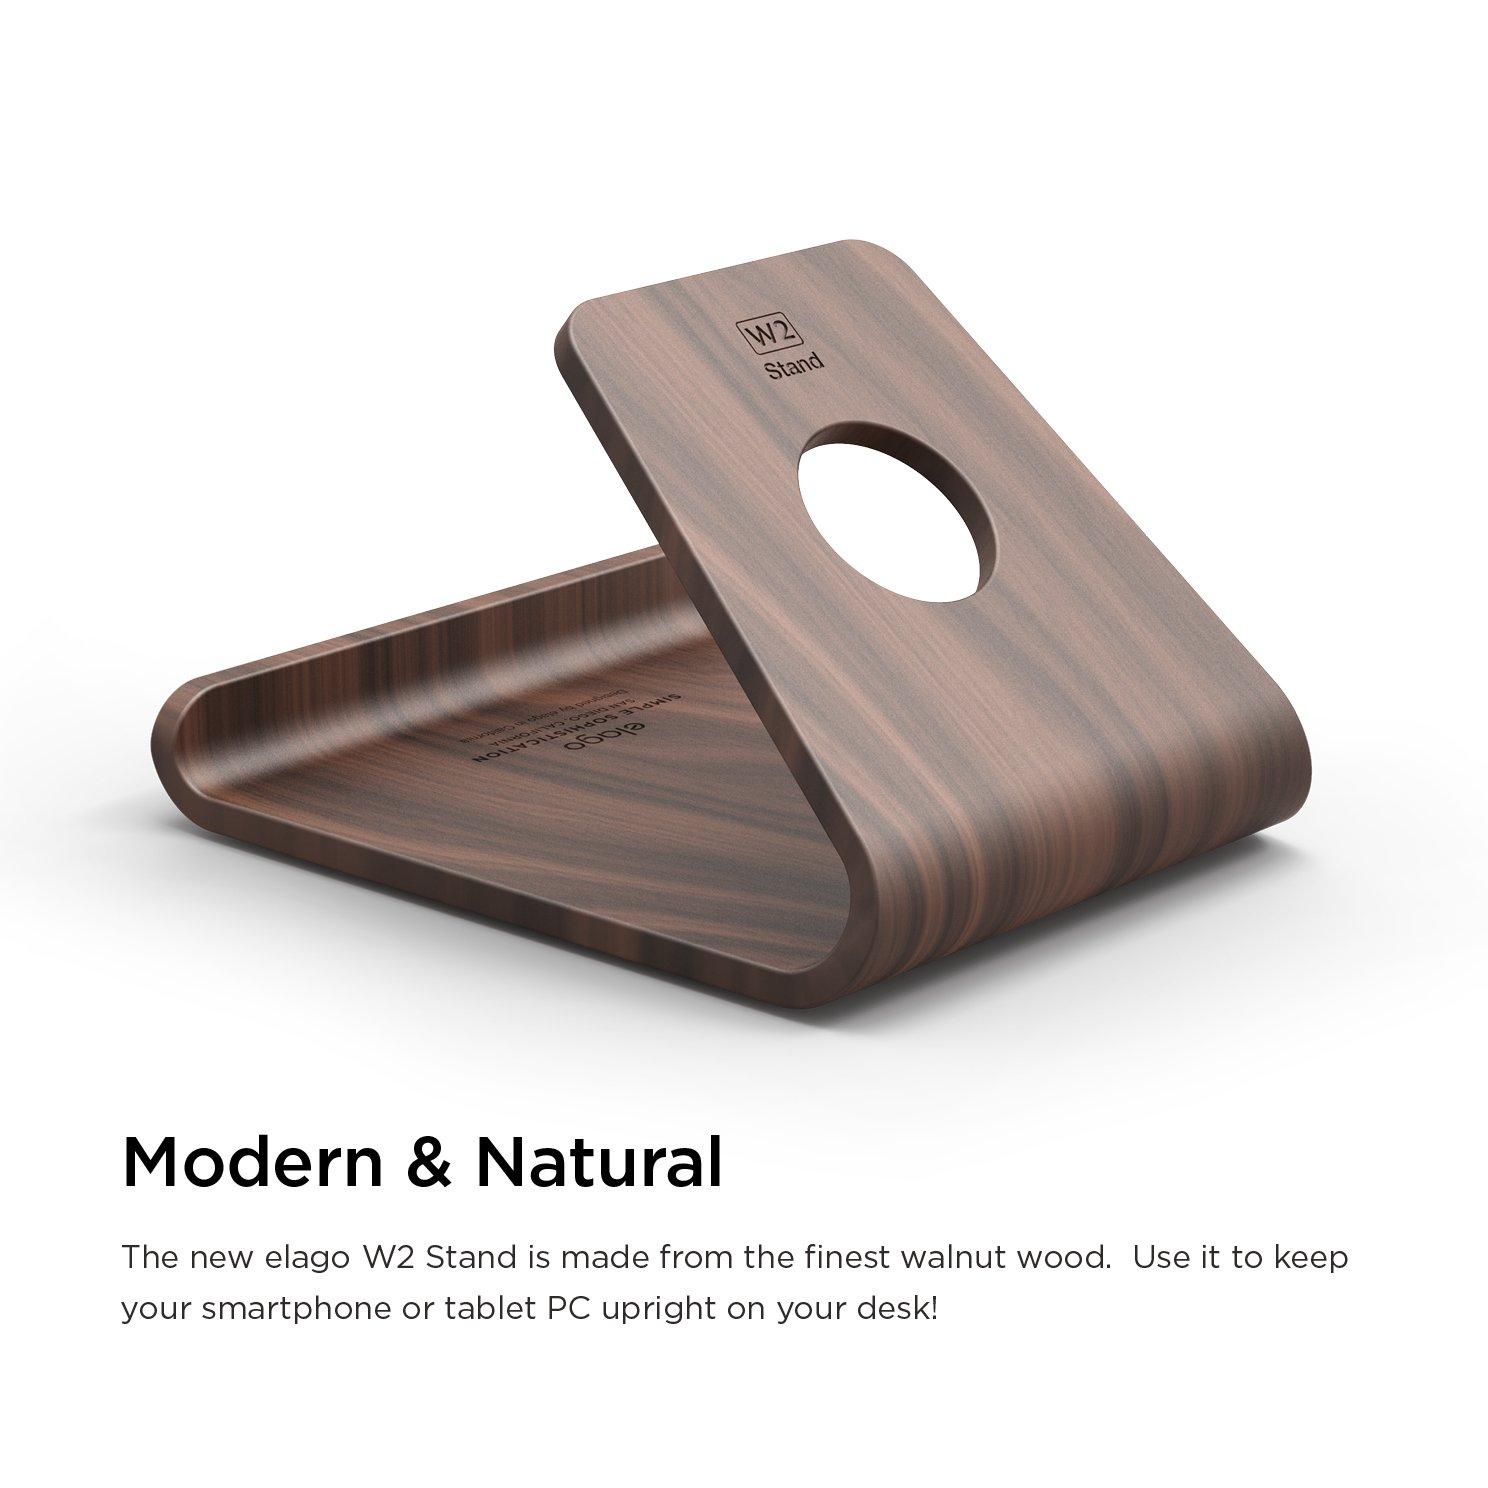 Amazoncom elago Wood Stand Authentic Walnut Premium Walnut